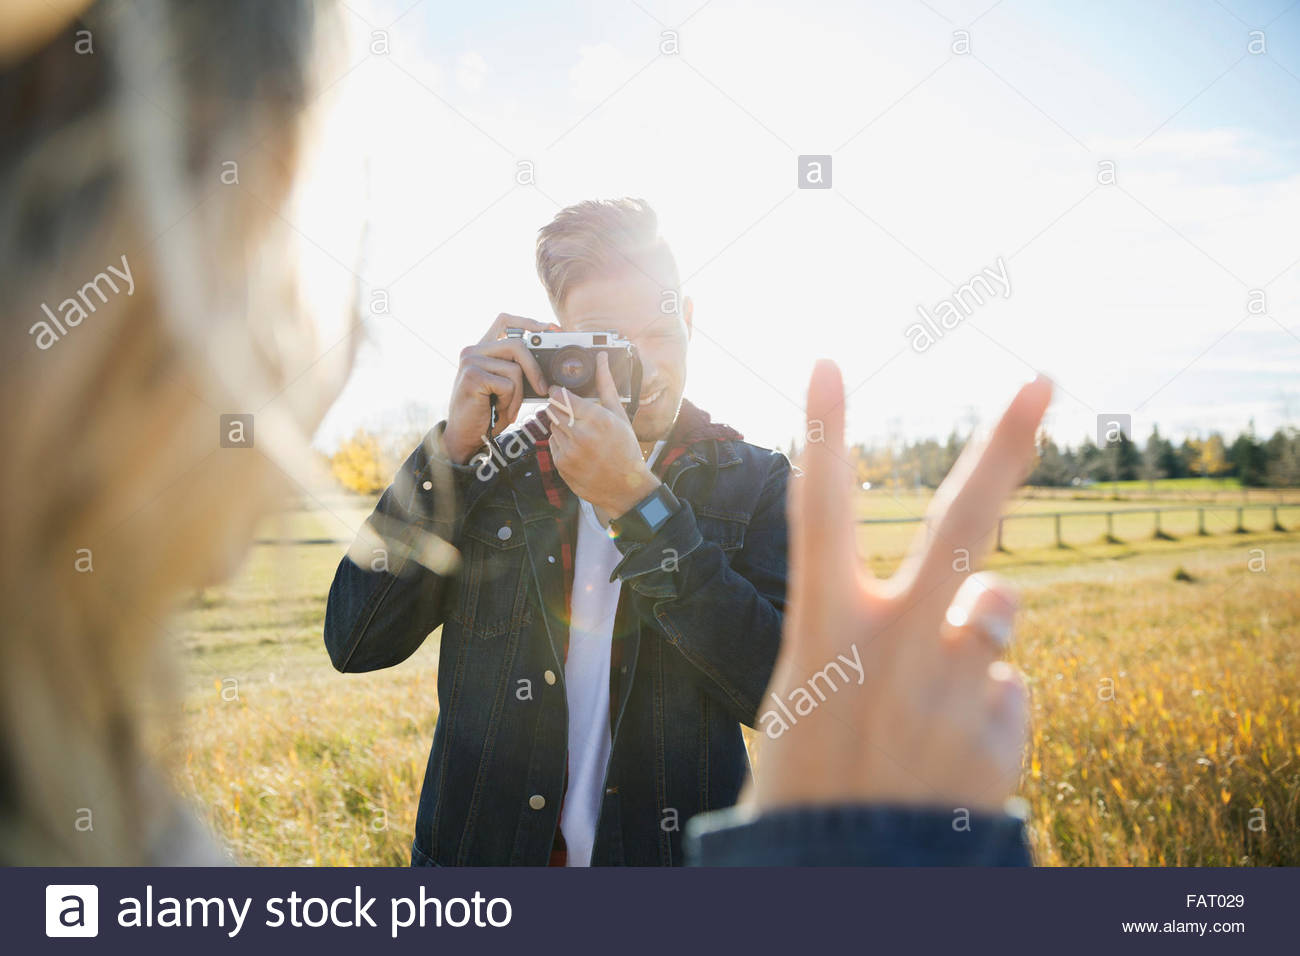 Junger Mann Fotografieren Freundin gestikulieren Peace-Zeichen Stockbild